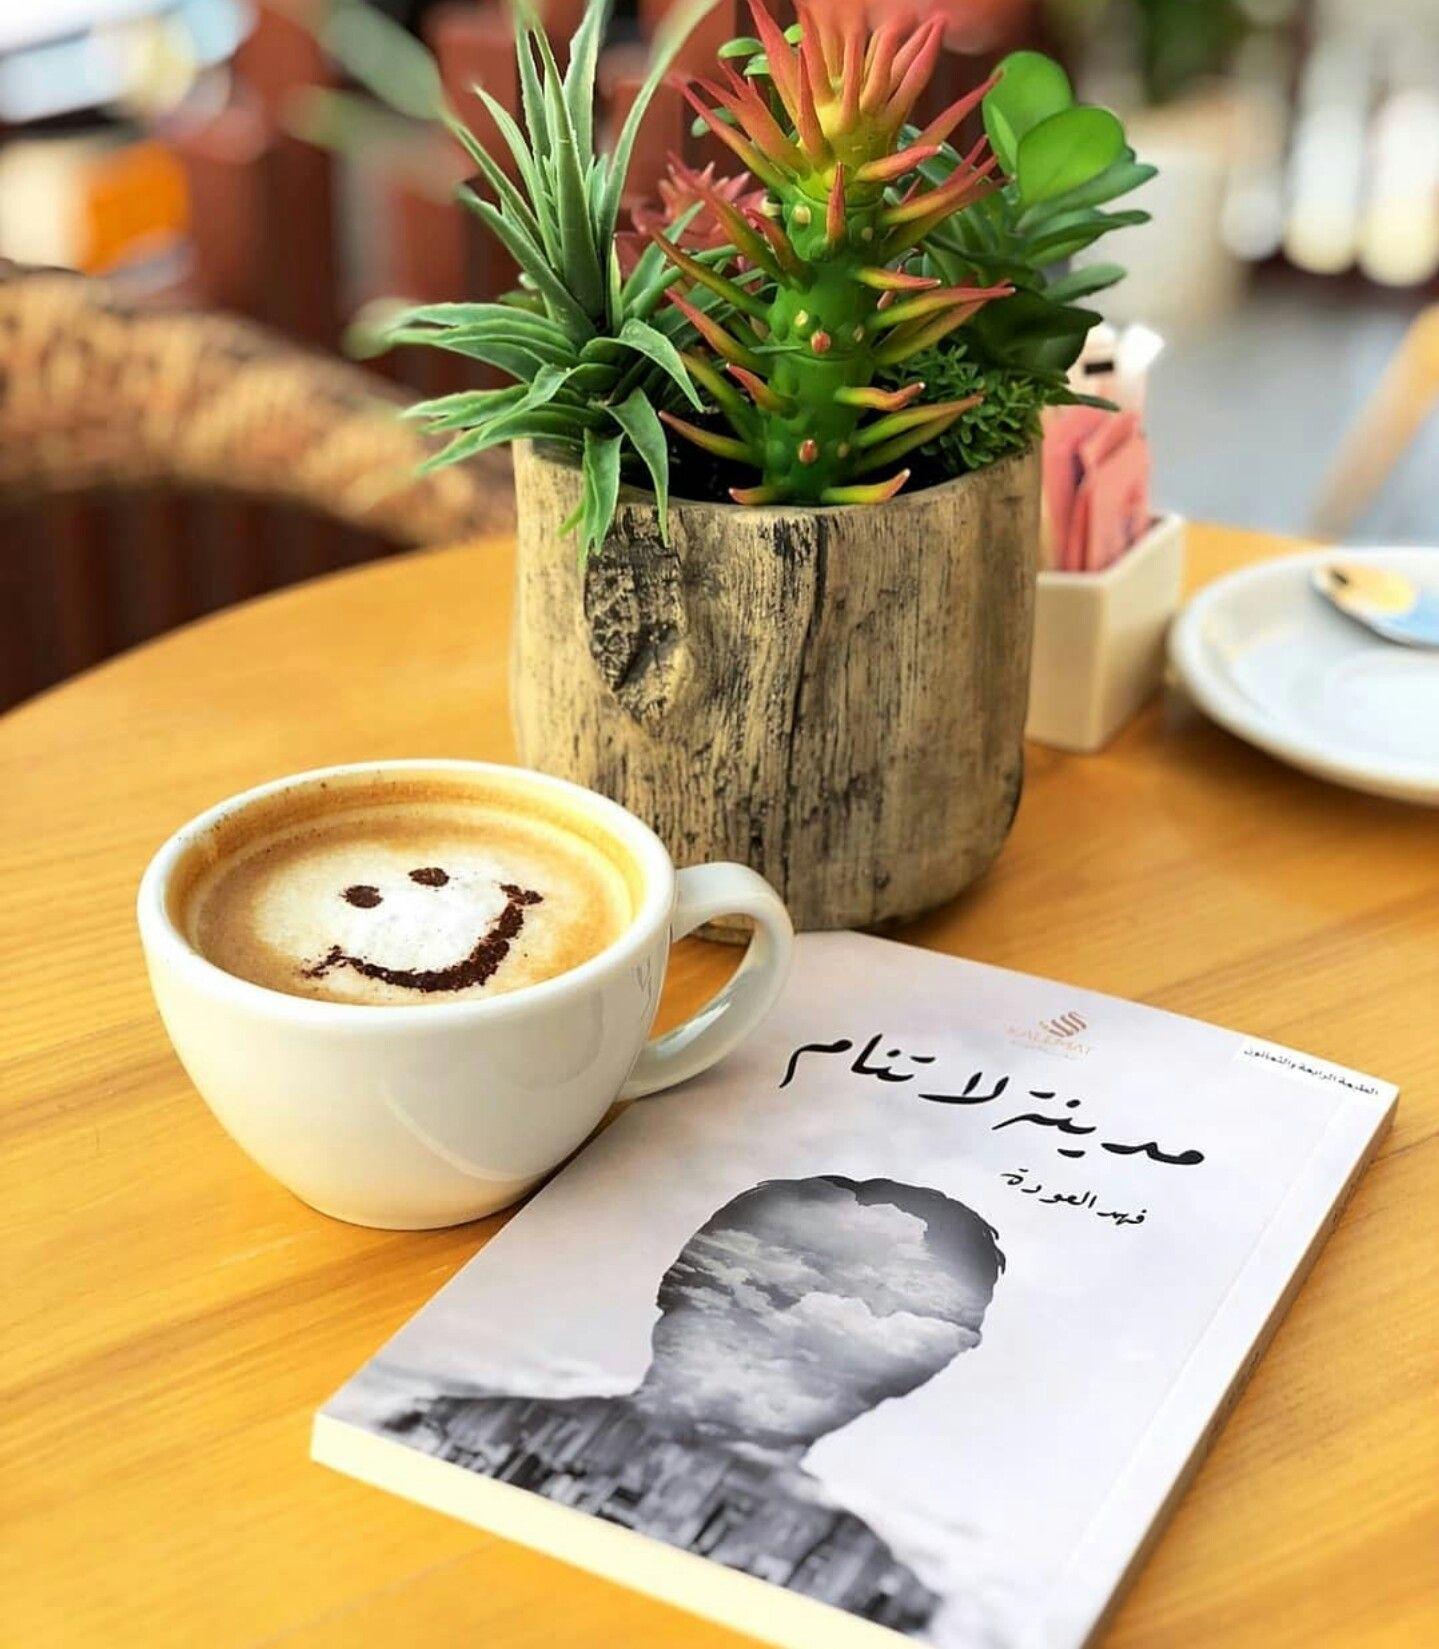 هم لا يأتون حتى ولو سمعوا بكاء الحروف وارتعاش الورق هم لو كانوا يريدون البقاء لم يرحلوا منذ البداية ما أقسى أولئك الذين يضعون Arabic Books My Books Book Lovers